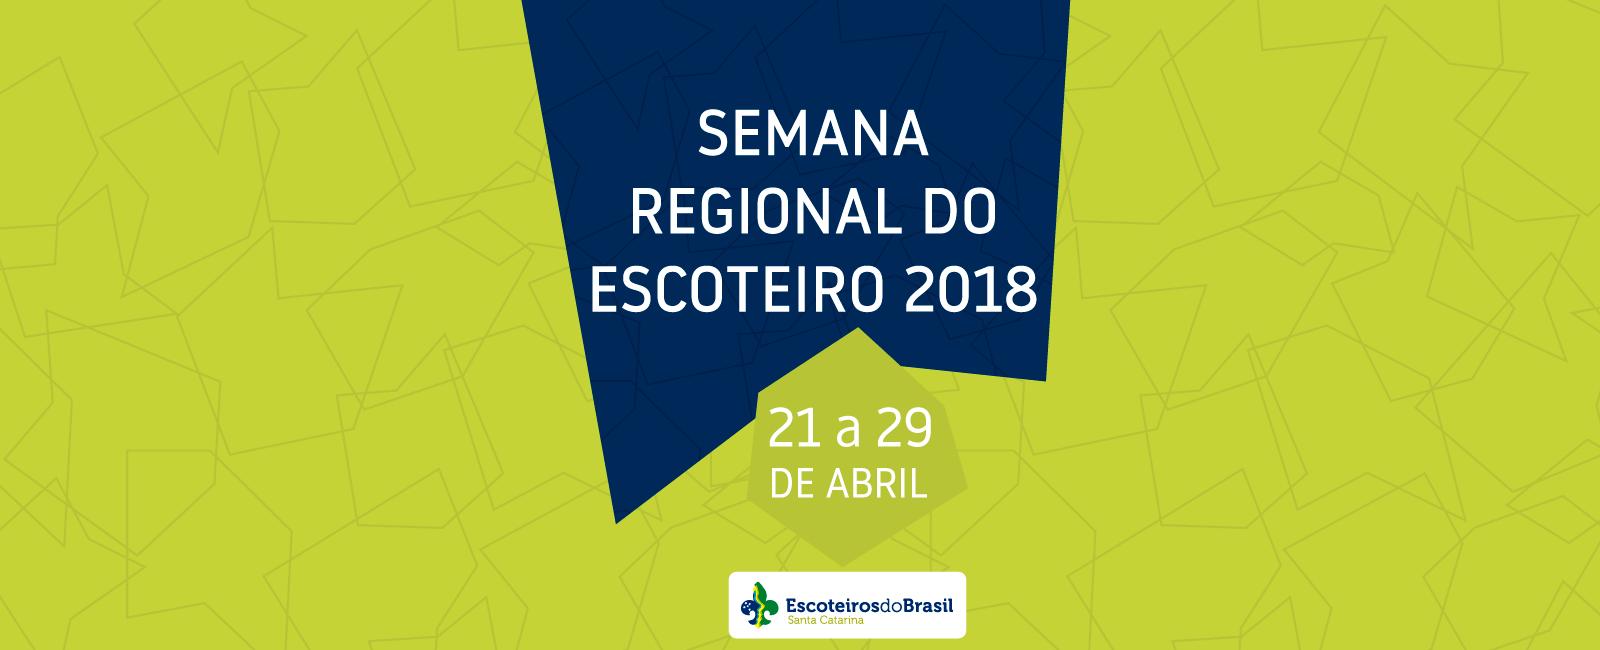 Semana Regional do Escoteiro 2018